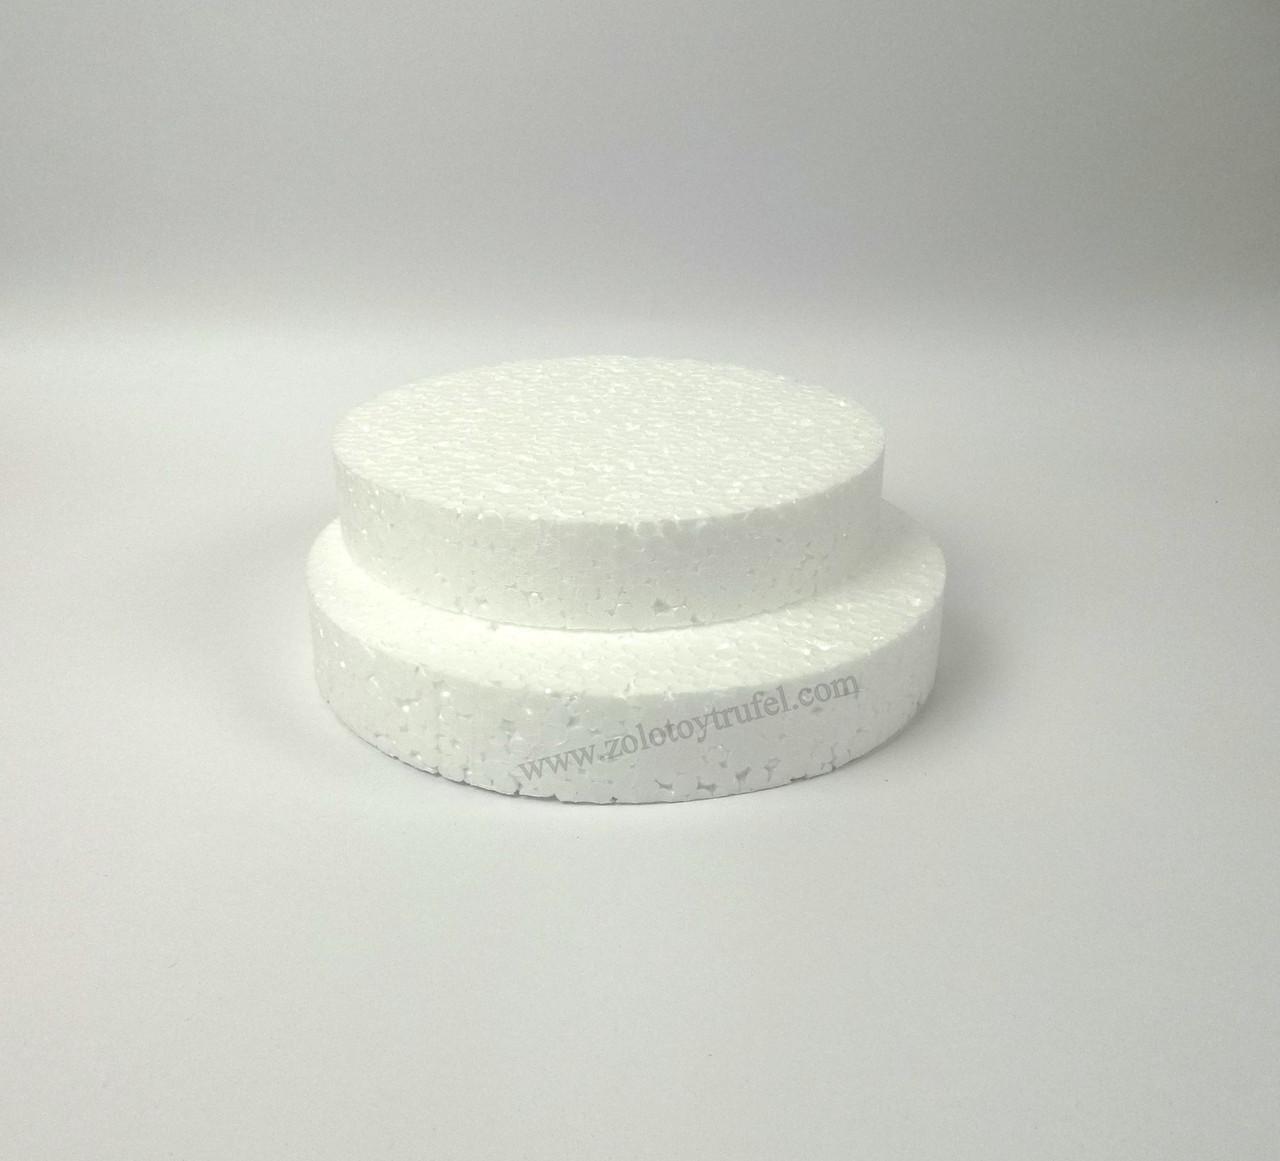 Прослойка пенопластовая для торта d 23 см h 3 см